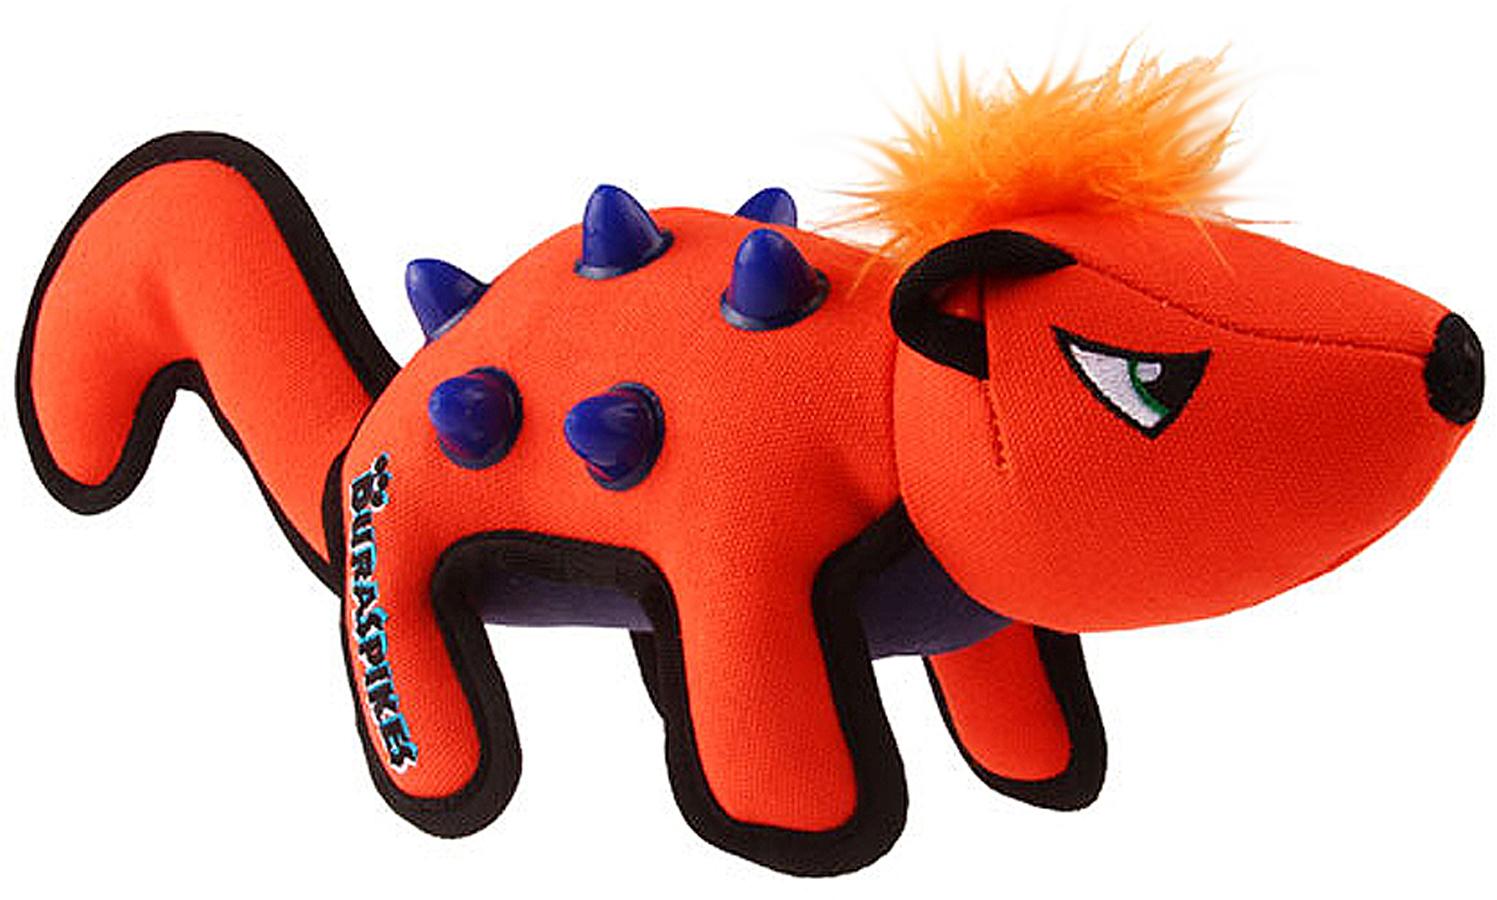 Игрушка для собак GiGwi Дюраспайк-Енот0120710Игрушка для собак GiGwi  Дюраспайк-Енот, выполненная из текстиля и силикона, не позволит заскучать вашему питомцу. Играя с этой забавной игрушкой, маленькие щенки развиваются физически, а взрослые собаки поддерживают свой мышечный тонус. Игрушка выполнена в виде енота. Такая игрушка порадует вашего любимца, а вам доставит массу приятных эмоций, ведь наблюдать за игрой всегда интересно и приятно.